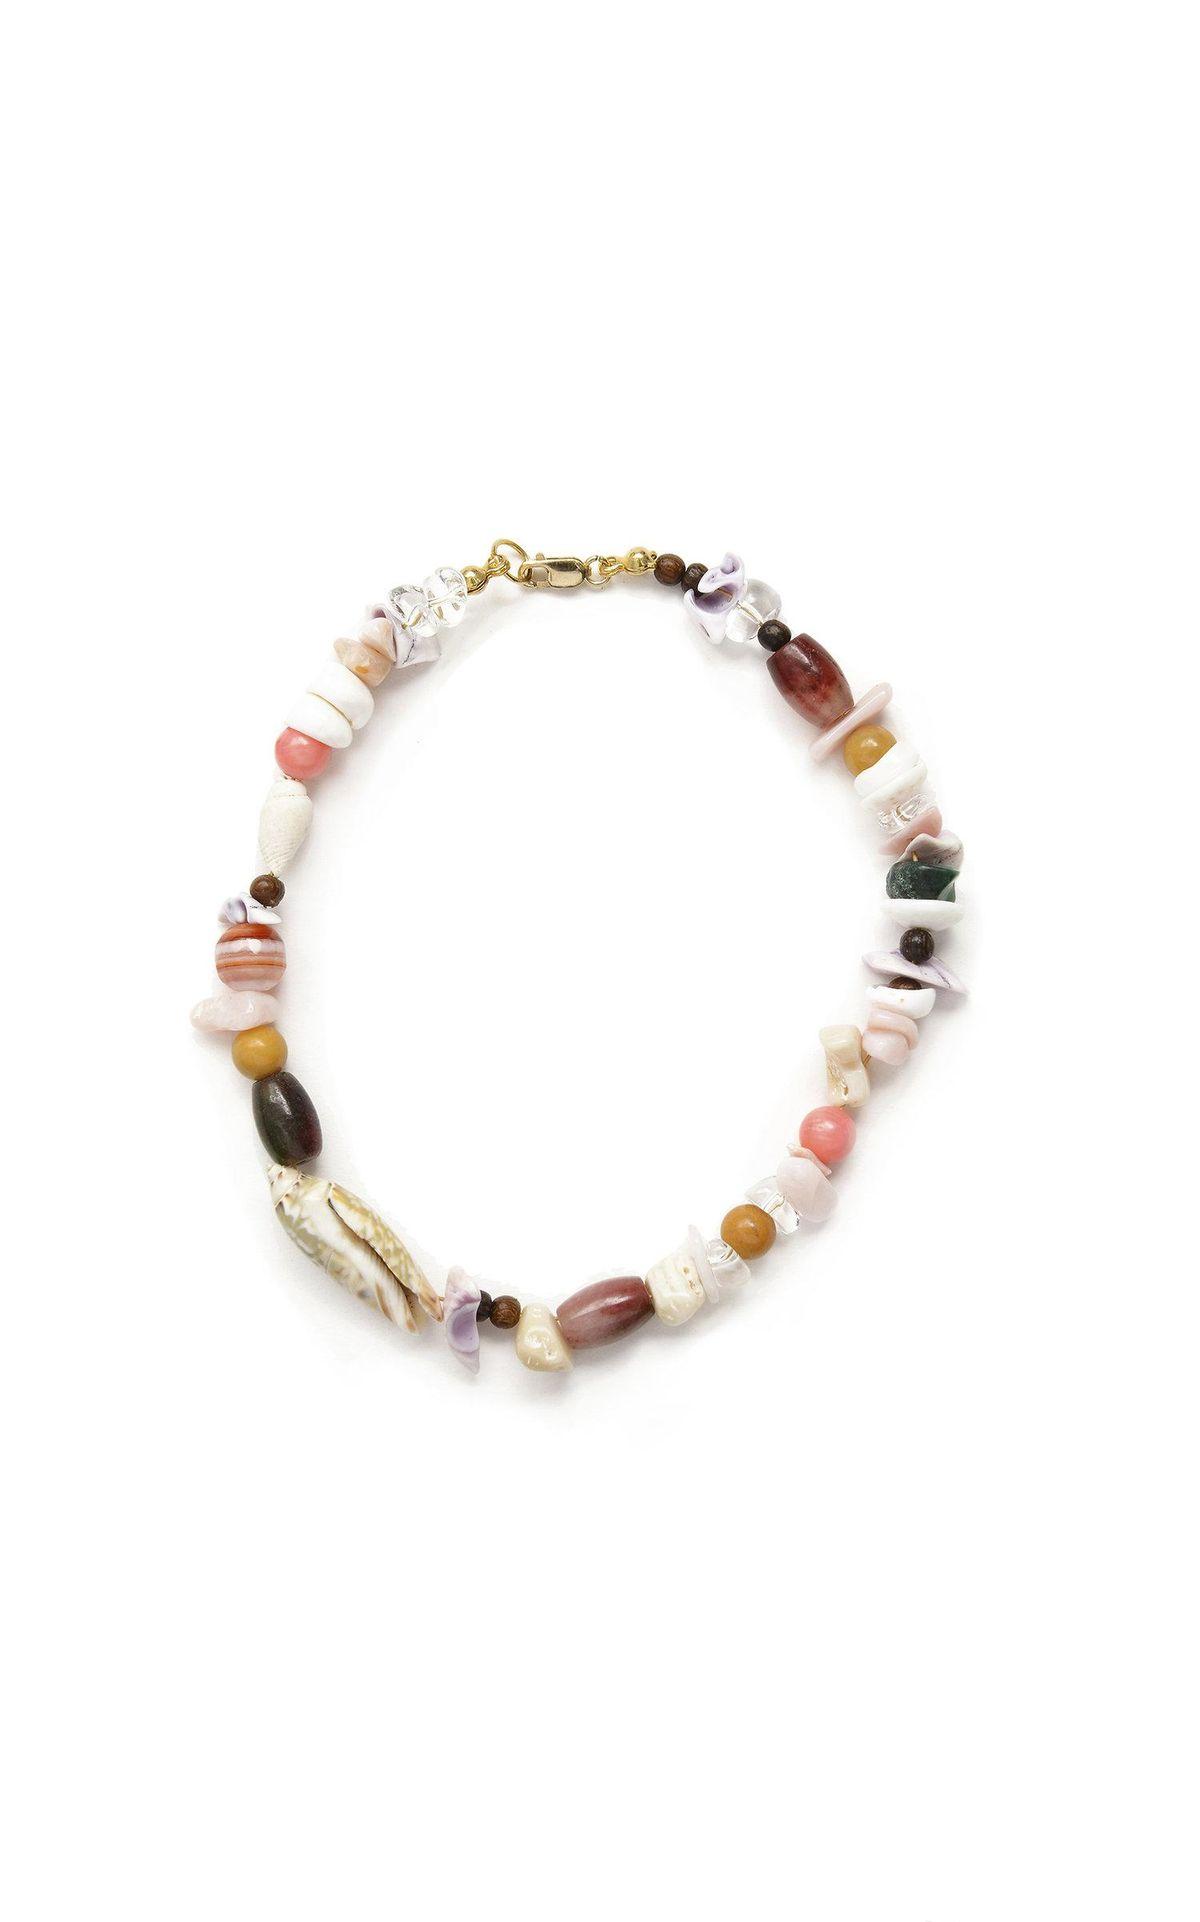 Oaxaca Necklace